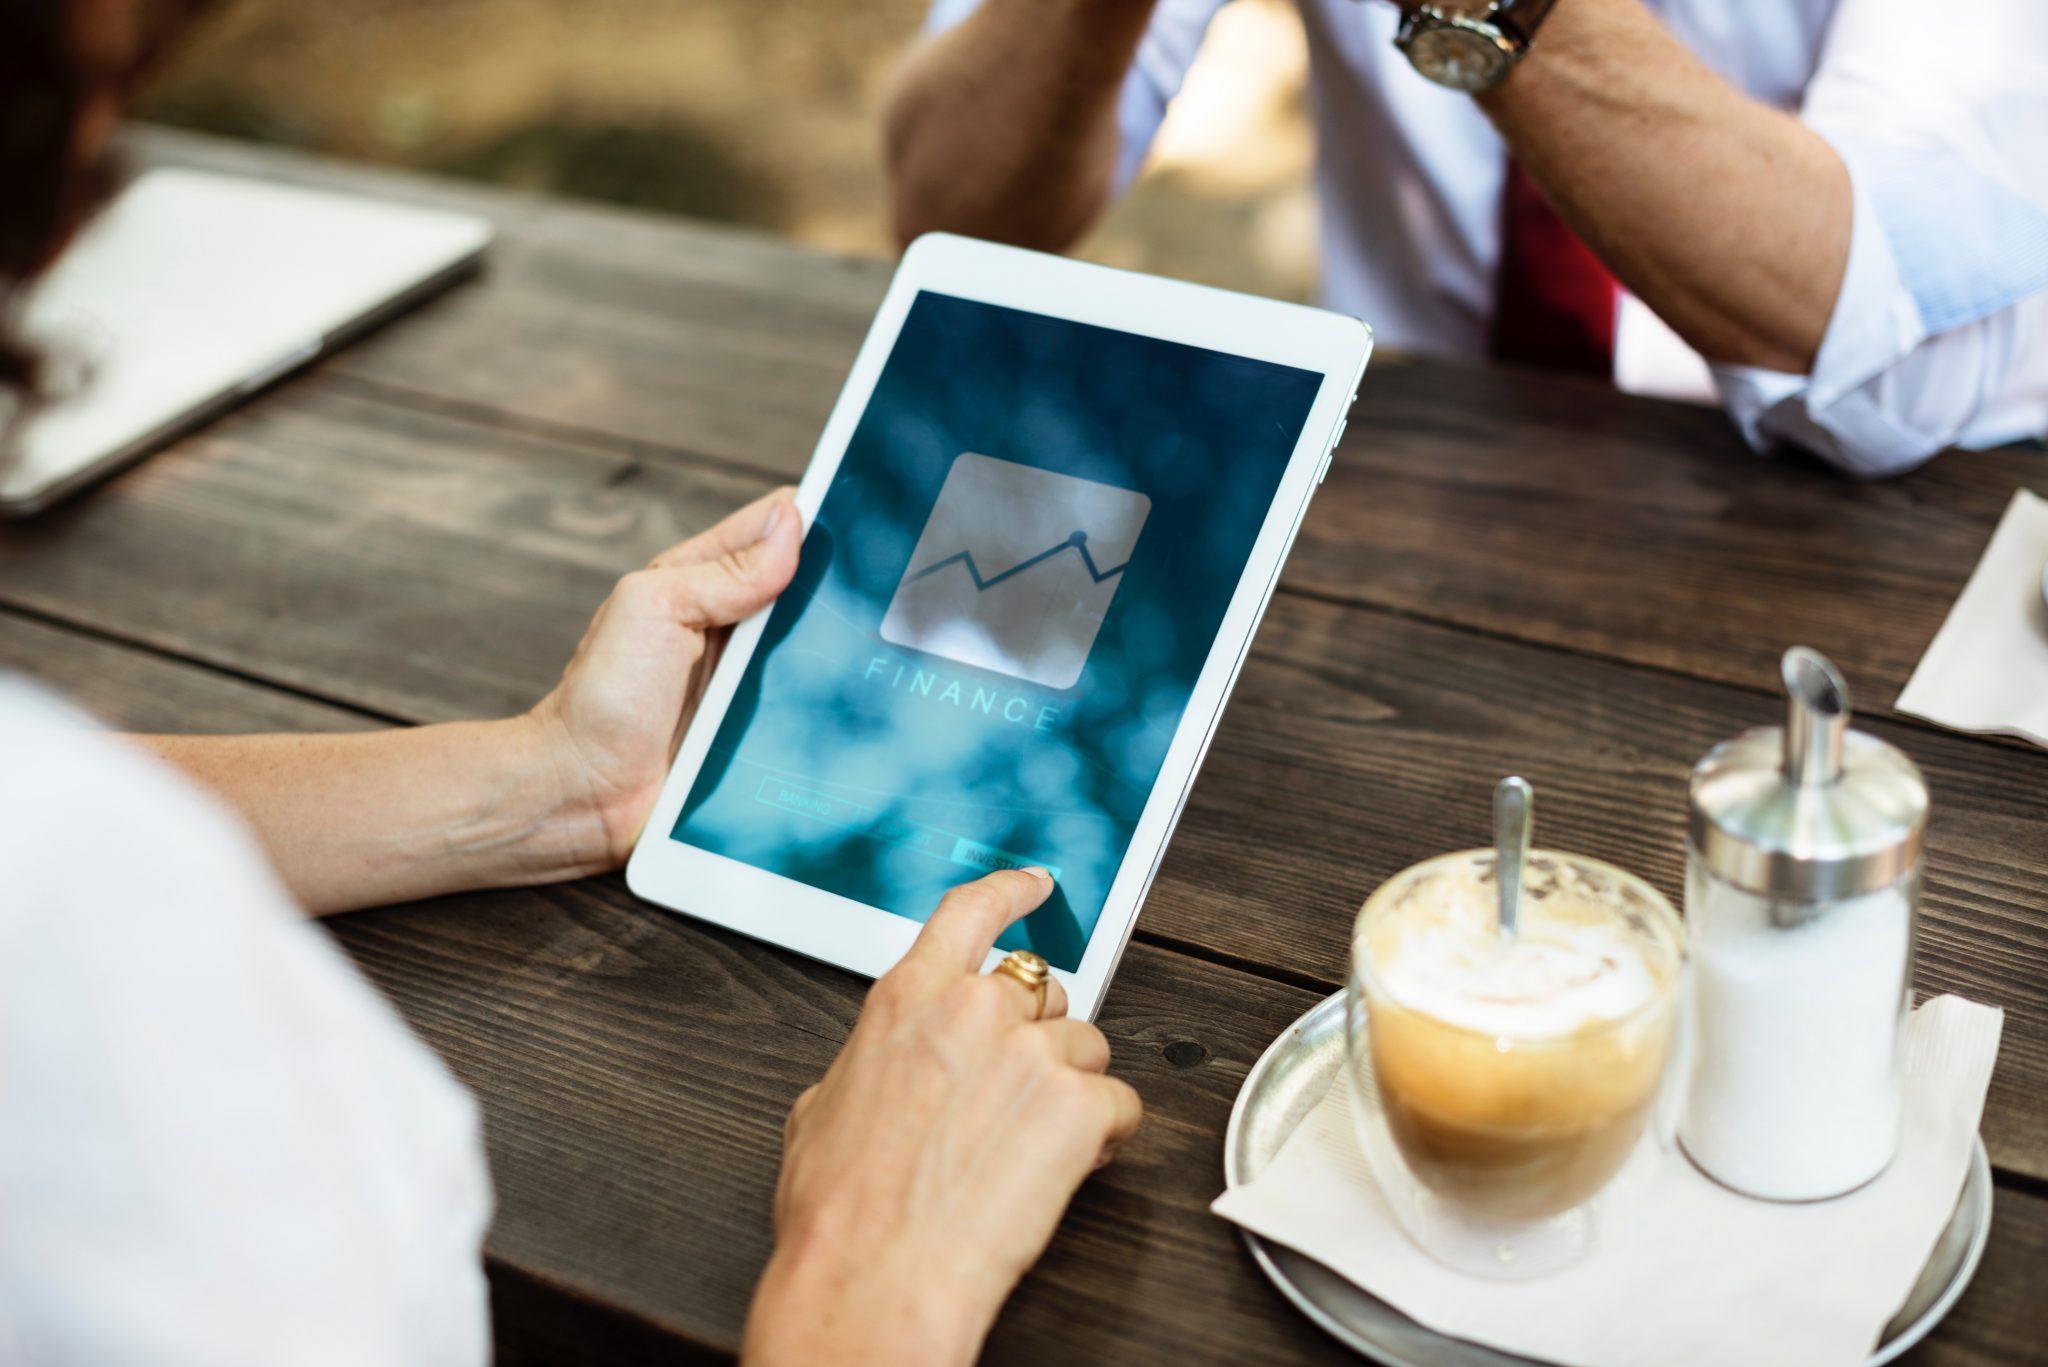 Tablet med overblik over eWallet spillebudget